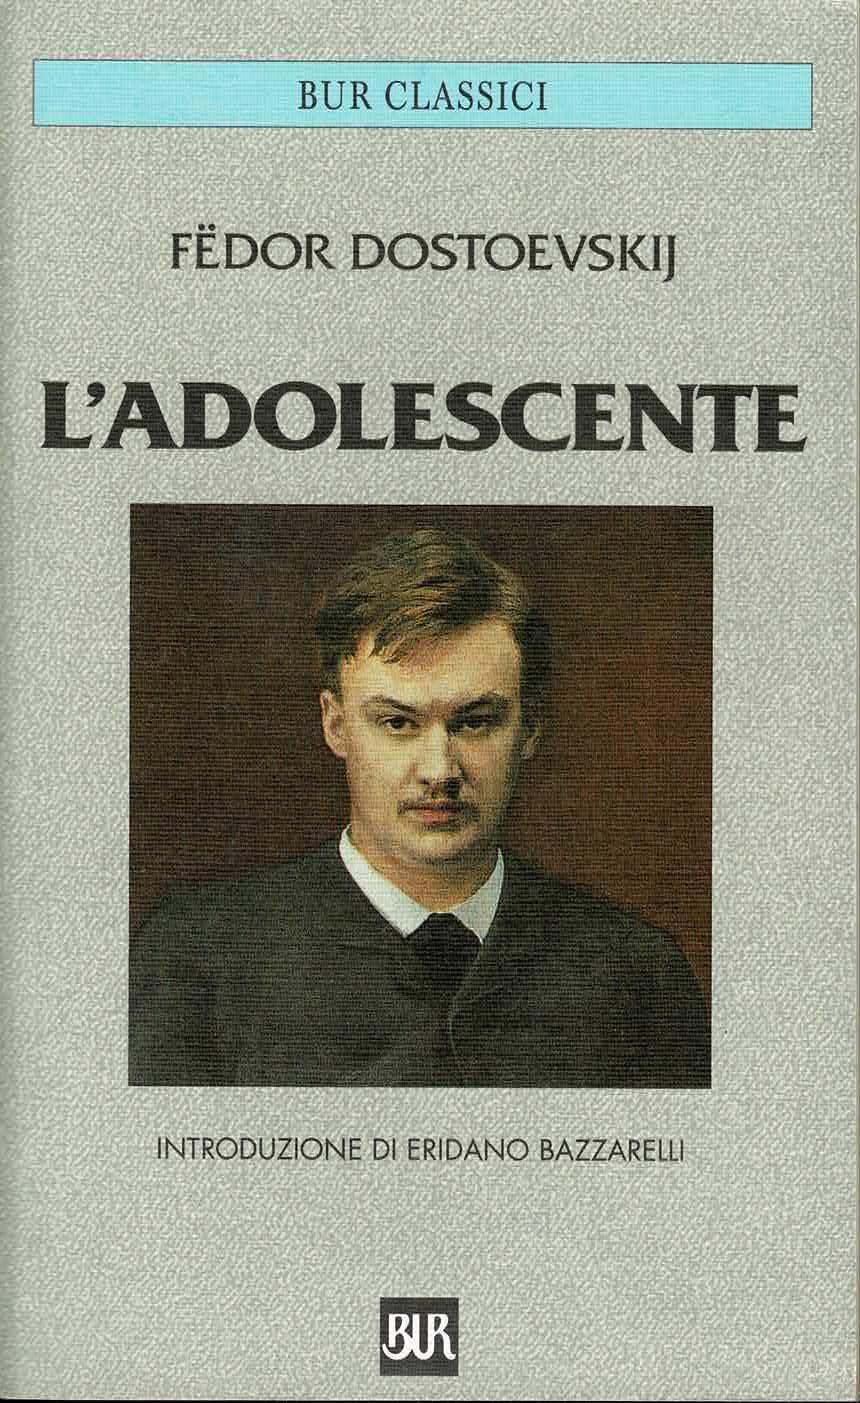 Fedor Dostoevskij L'adolescente Introduzione di Eridano Bazzarelli BUR Rizzoli 2003